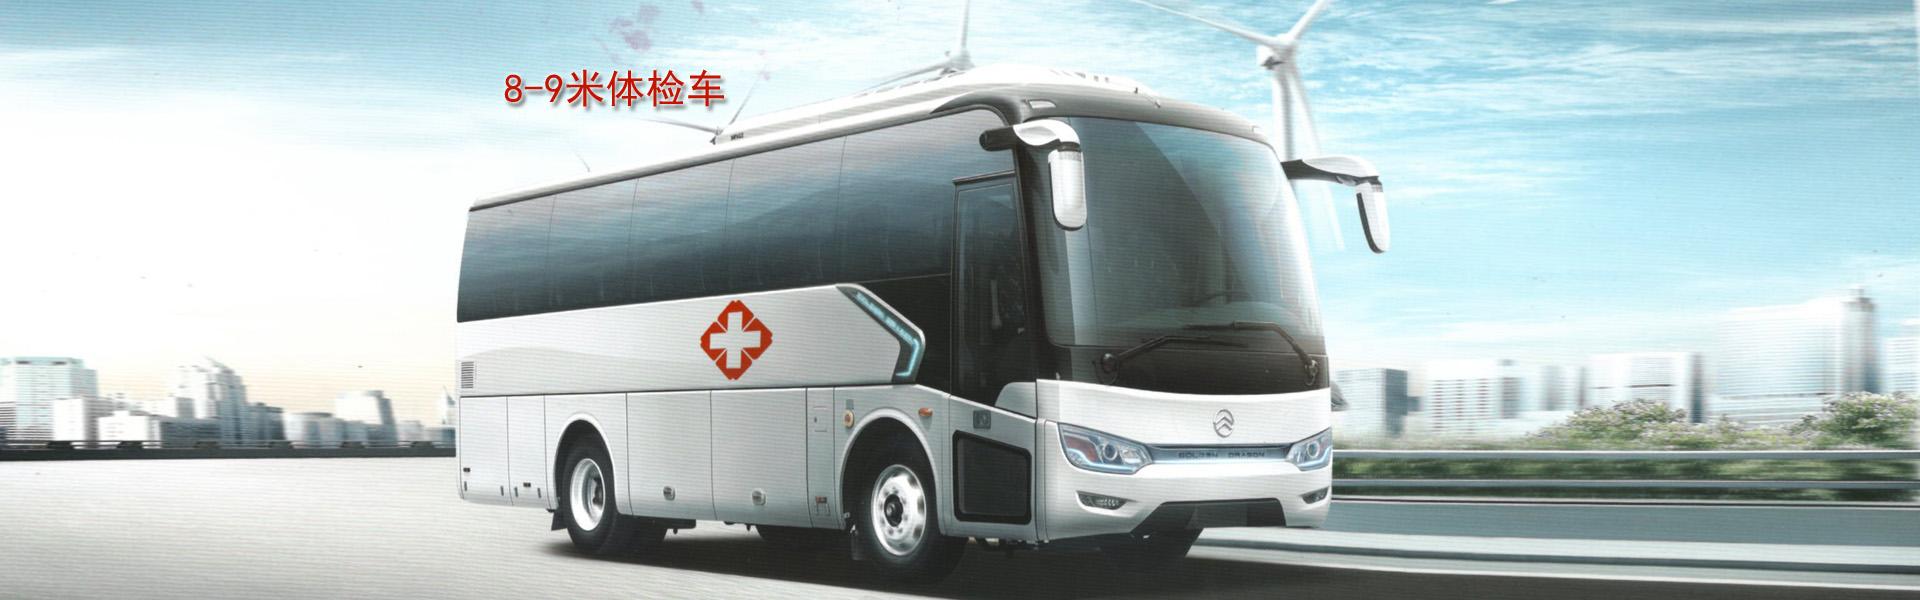 体检车-广州市韦德国际娱乐城医疗设备股份有限公司